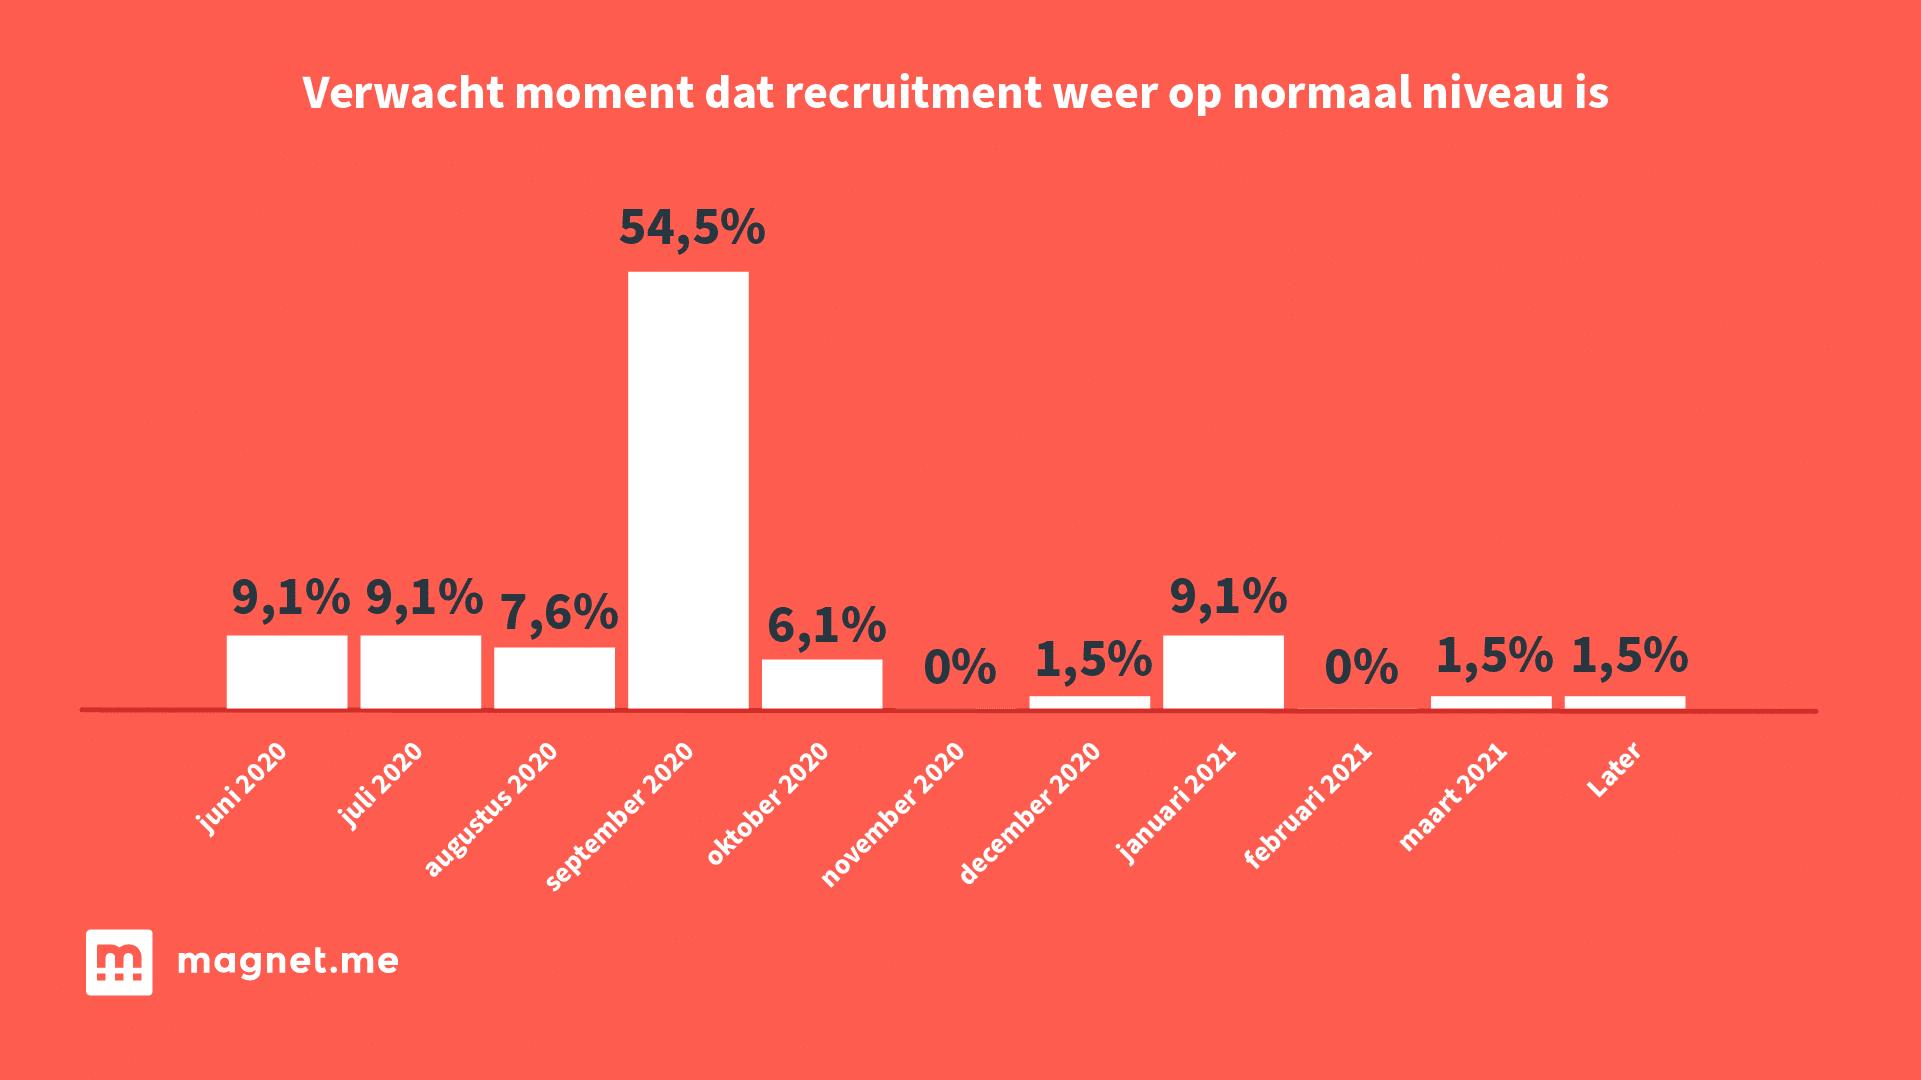 Verwacht moment dat recruitment weer op normaal niveau is